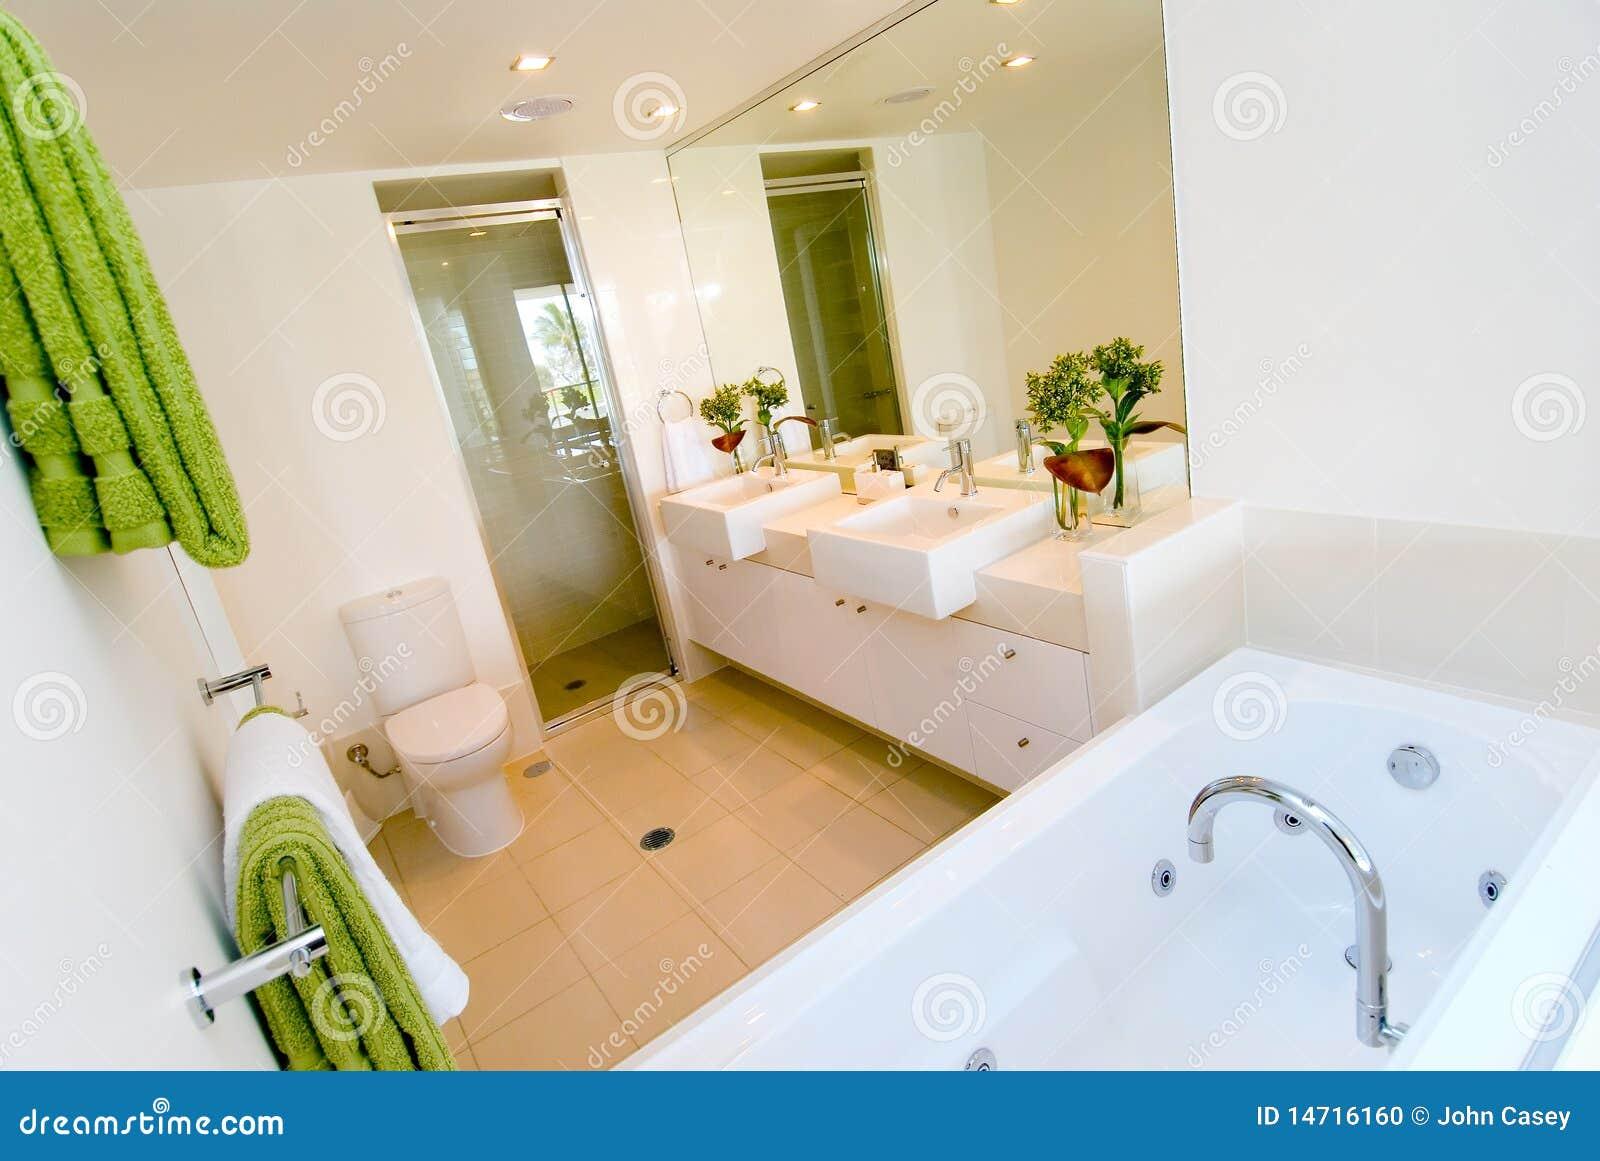 Une salle de bains moderne de luxe photo stock image Salle de bain de luxe moderne